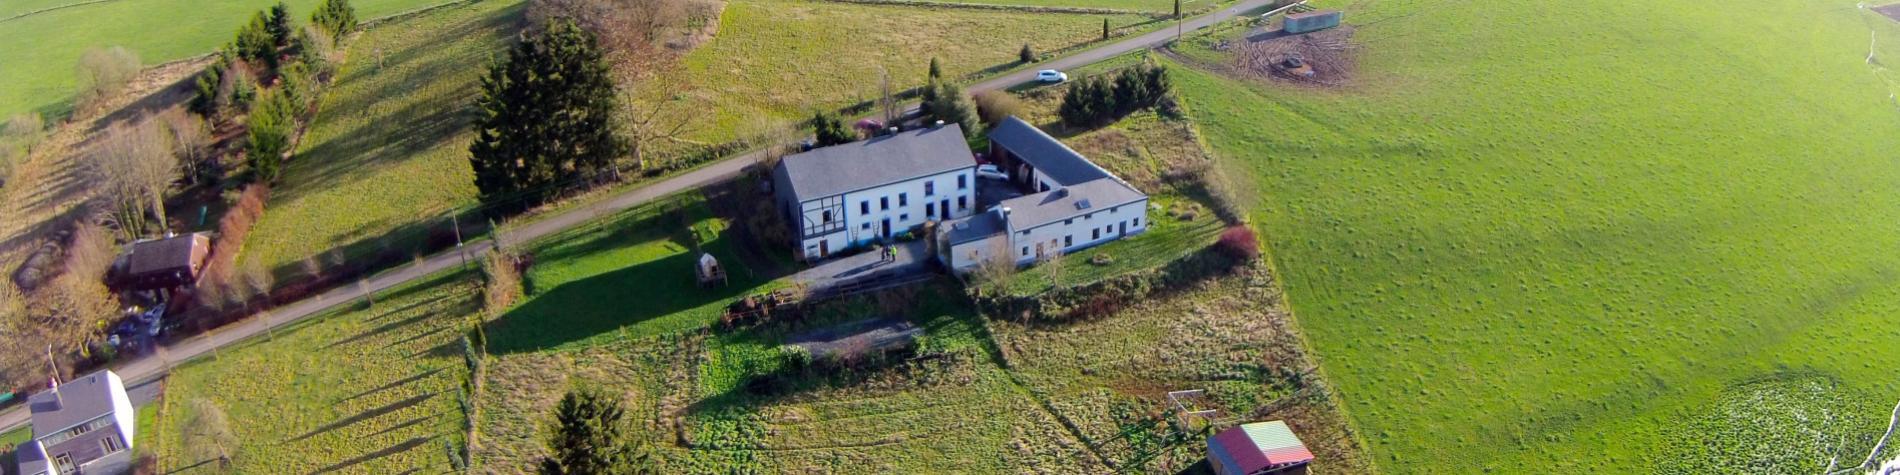 Gîte rural - Le Baty - Tronle